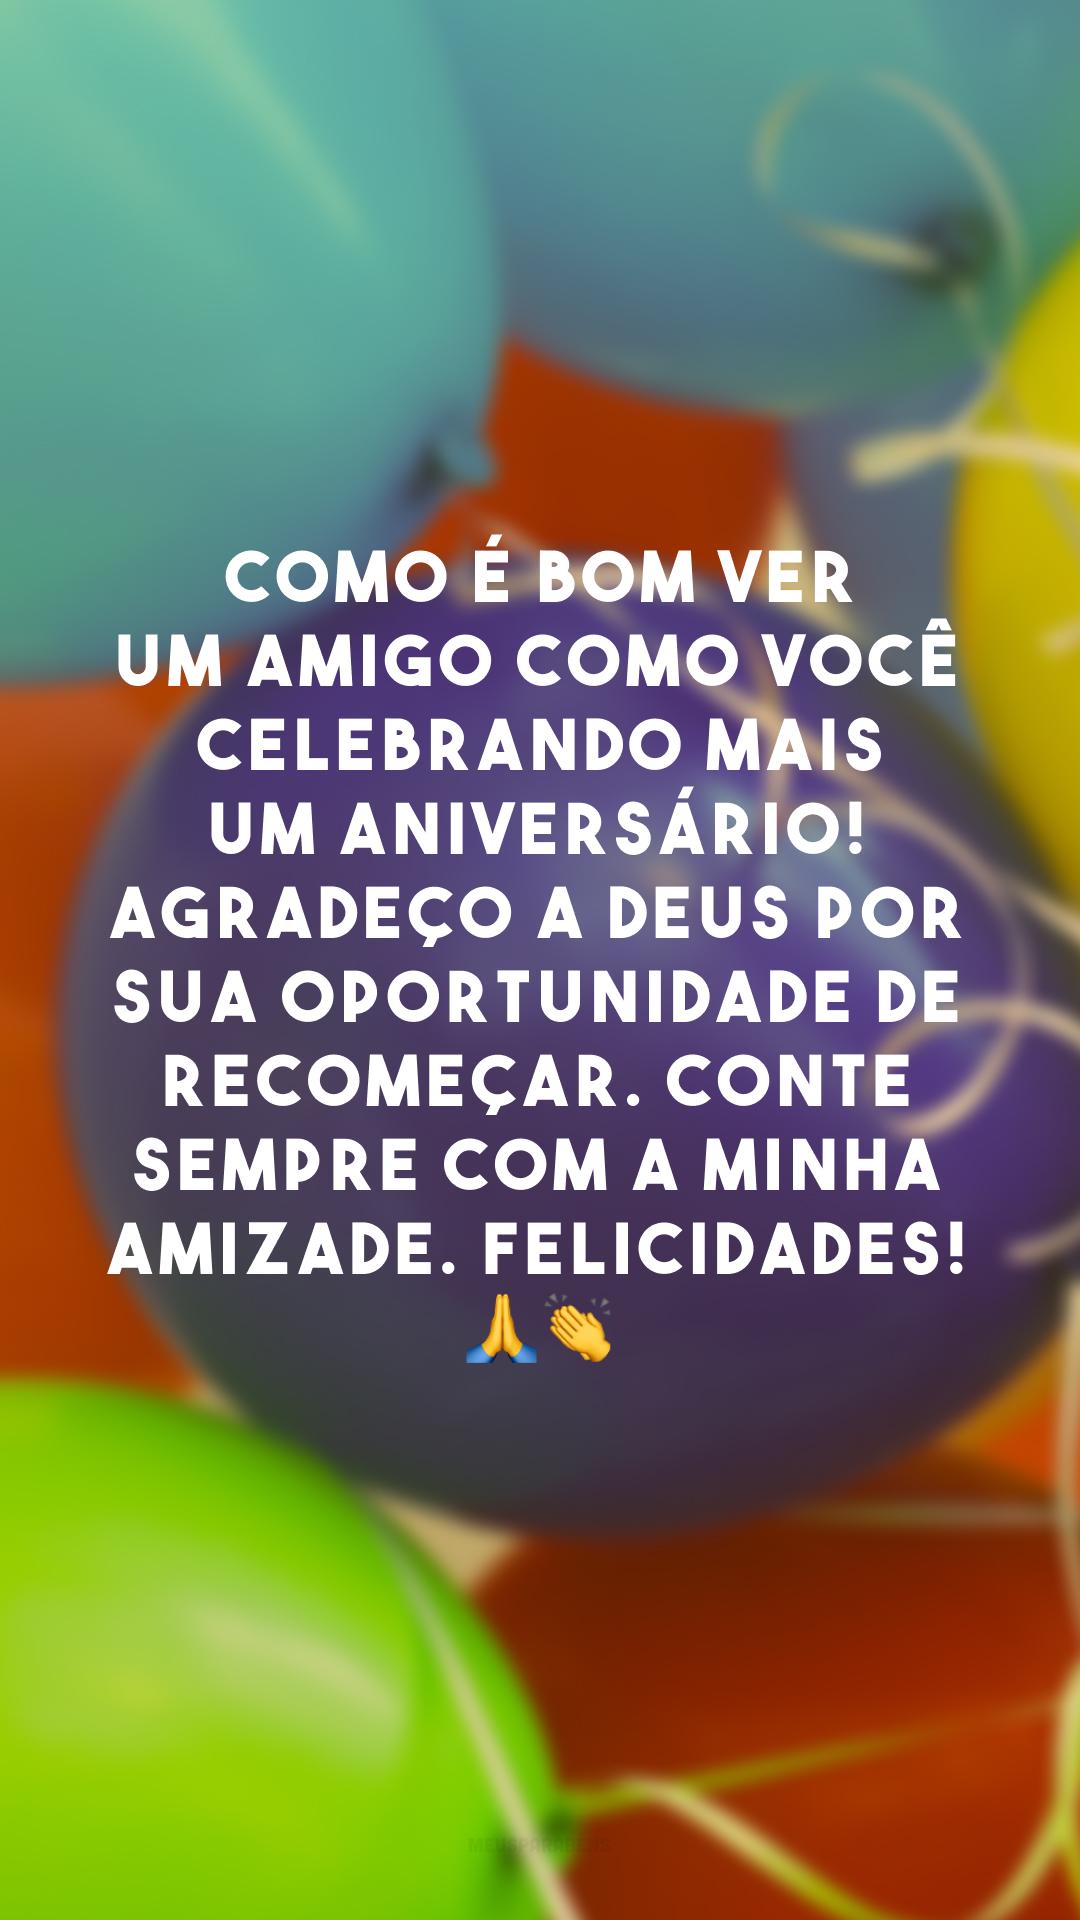 Como é bom ver um amigo como você celebrando mais um aniversário! Agradeço a Deus por sua oportunidade de recomeçar. Conte sempre com a minha amizade. Felicidades! 🙏 👏